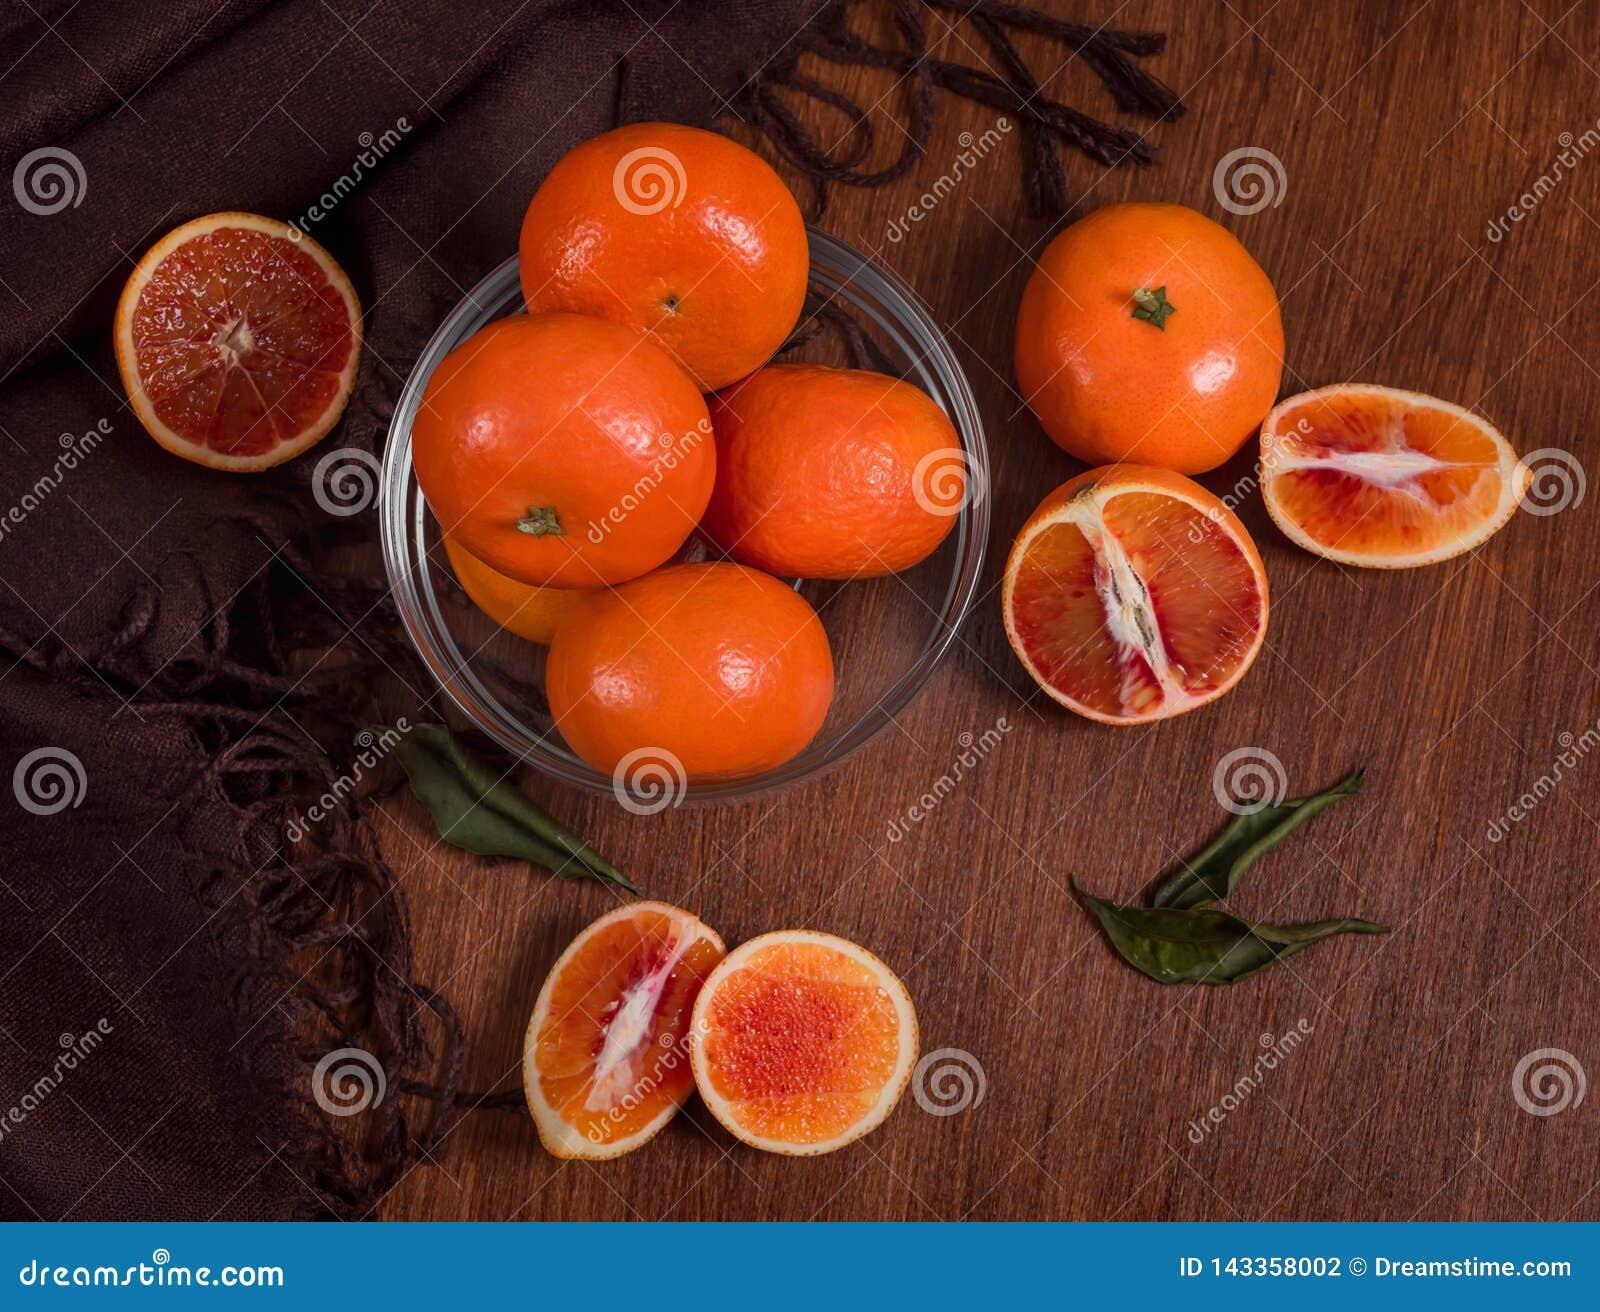 Stillleben von Orangen Nahaufnahme